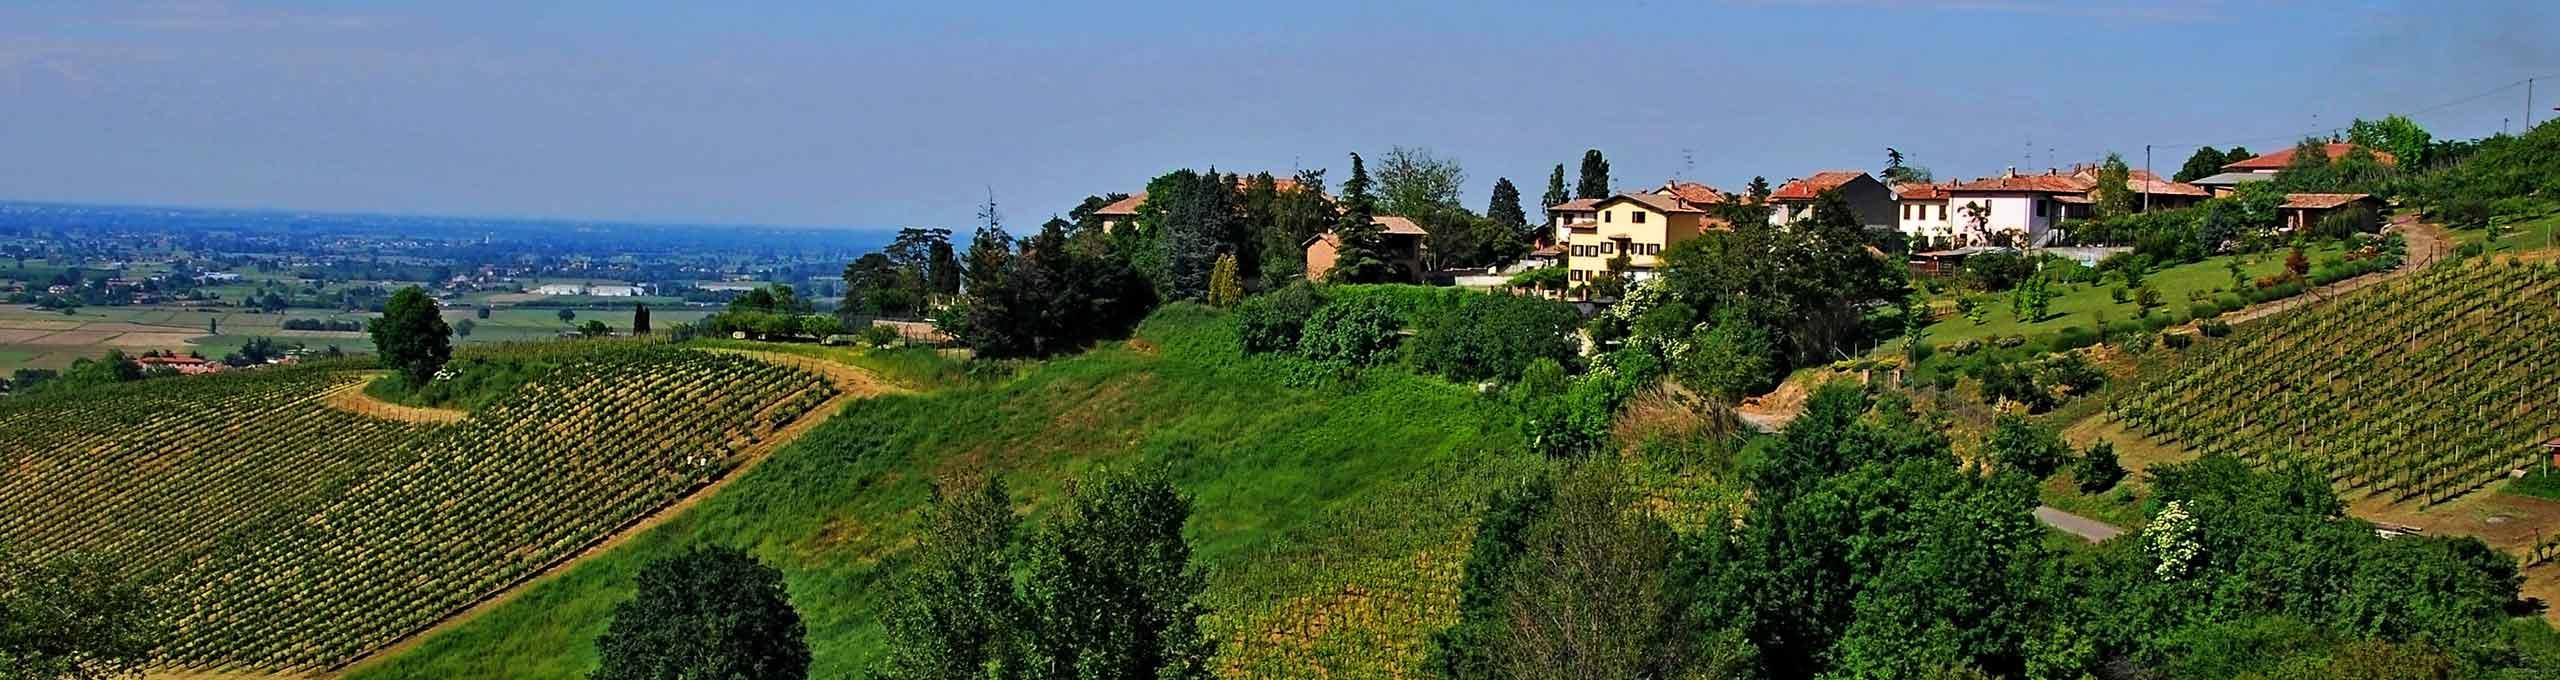 Casteggio, Oltrepò Pavese